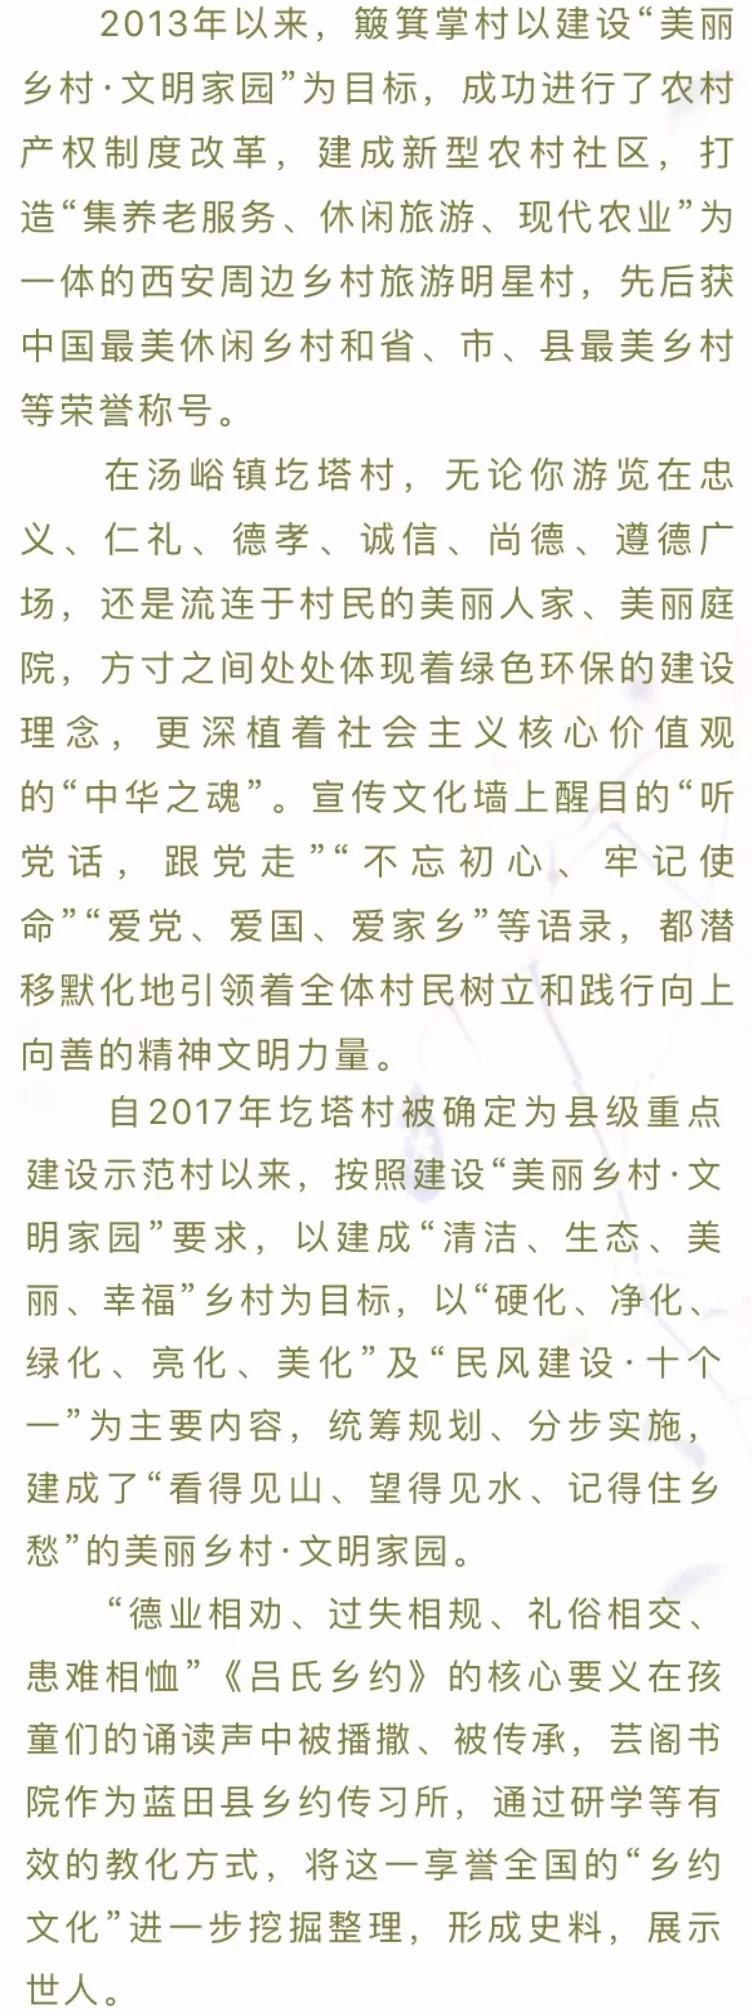 【慢游 · 映像】望中风景画中诗 漫洇乡愁最蓝田